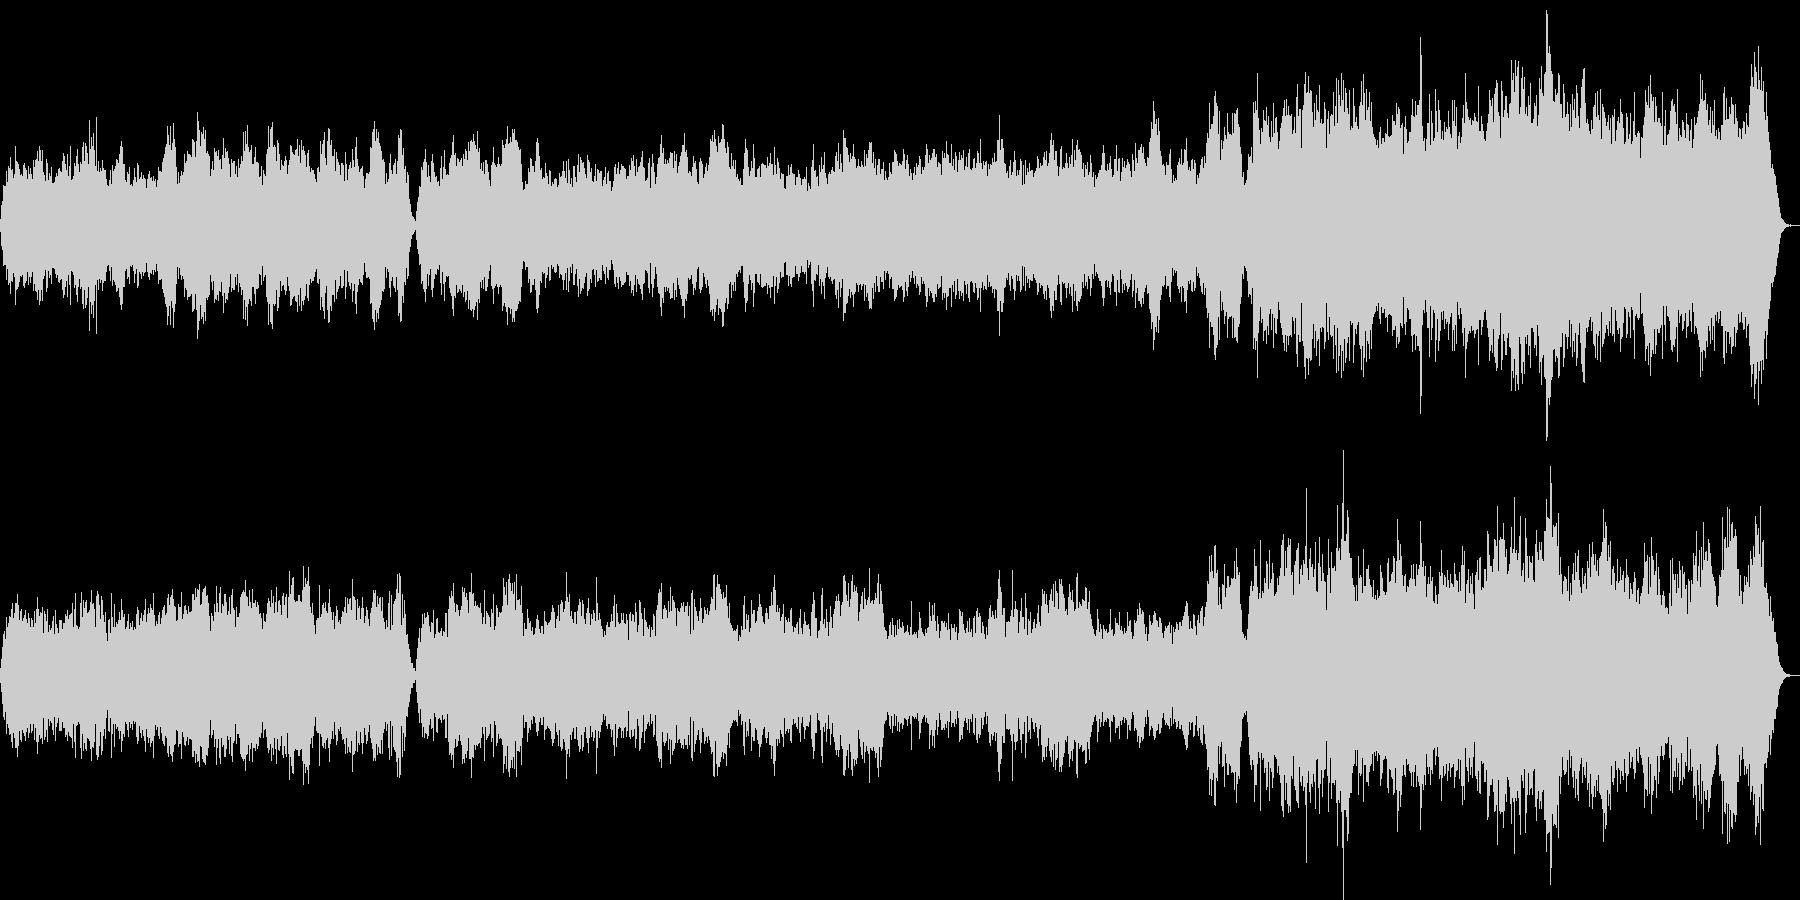 弦楽合奏曲で哀愁のあるワルツの曲の未再生の波形